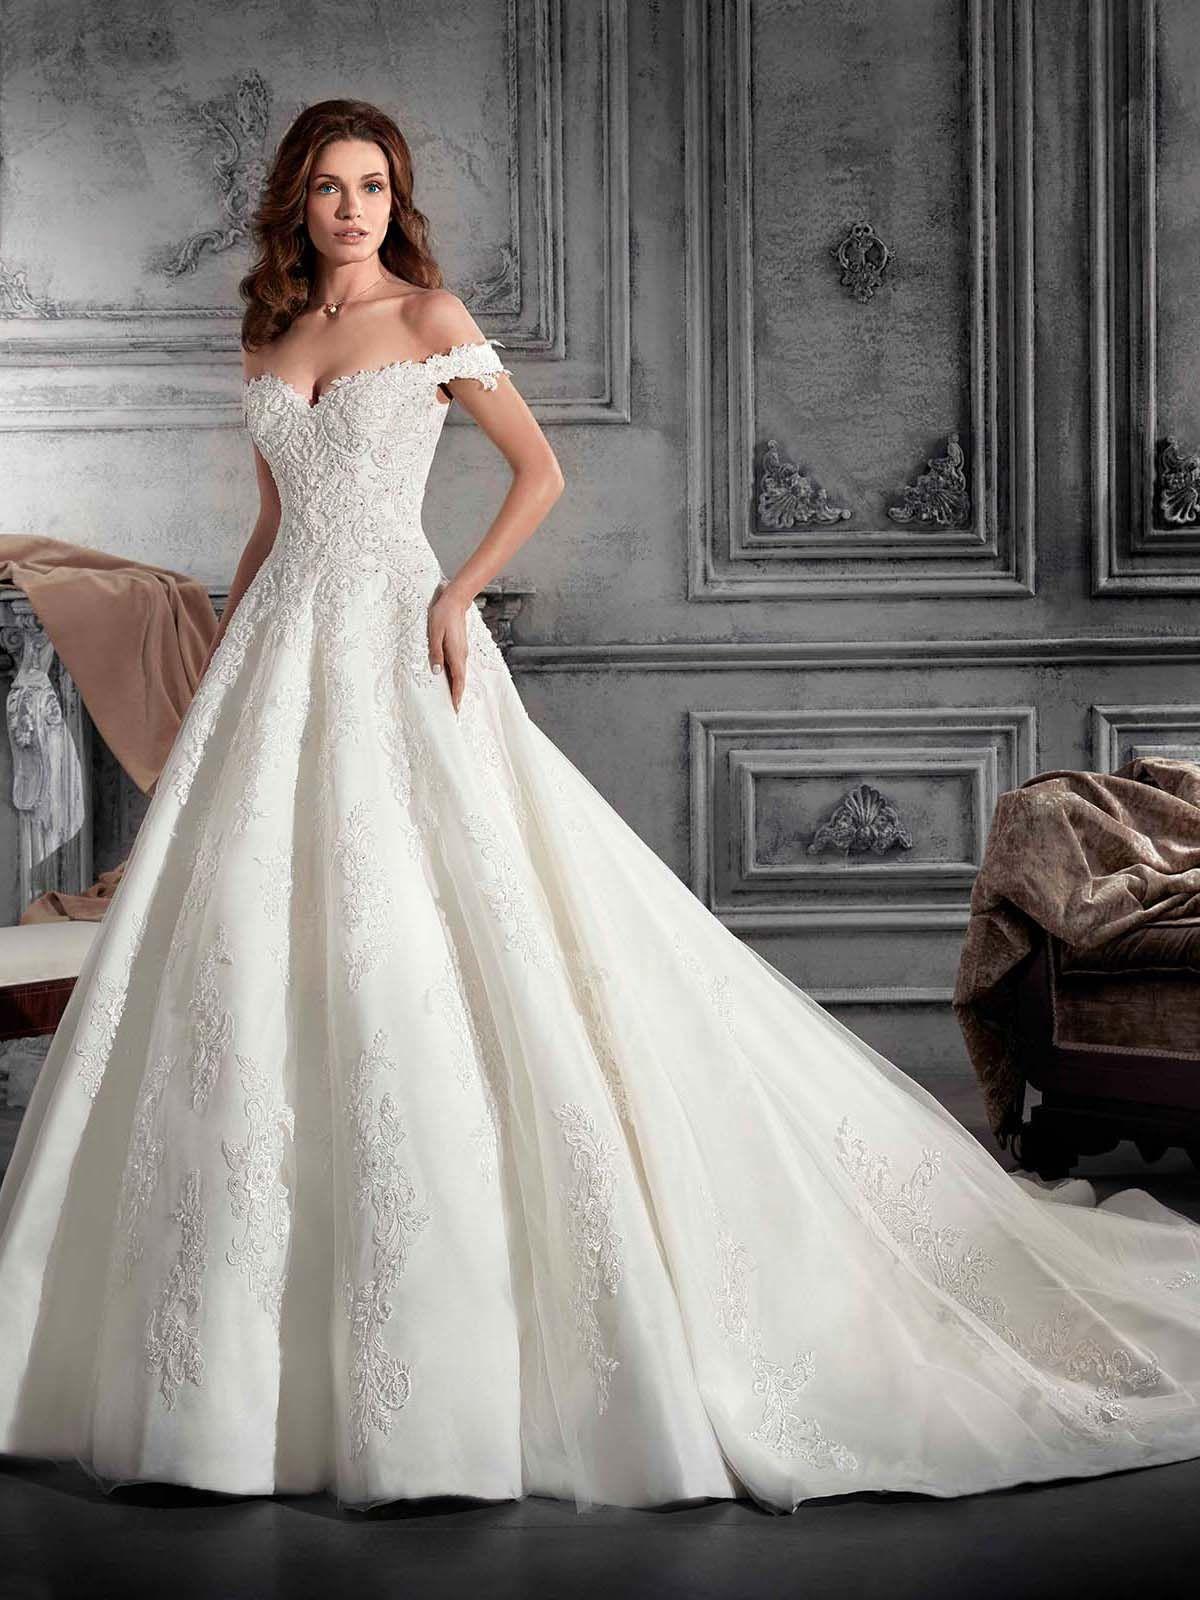 Vestidos de novia con escote de hombros caidos